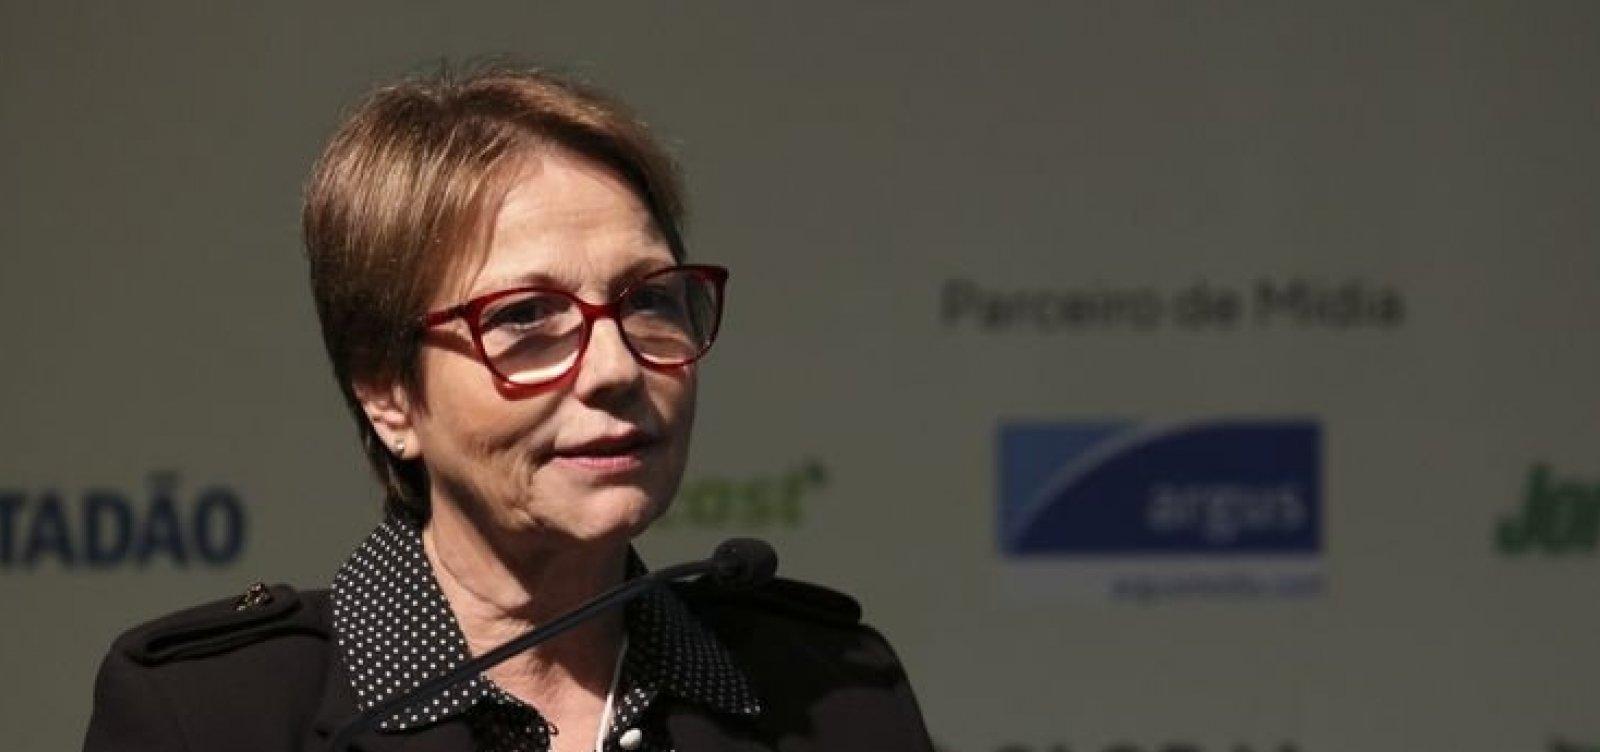 [FAO escolhe diretor sucessor de brasileiro para os próximos 4 anos]